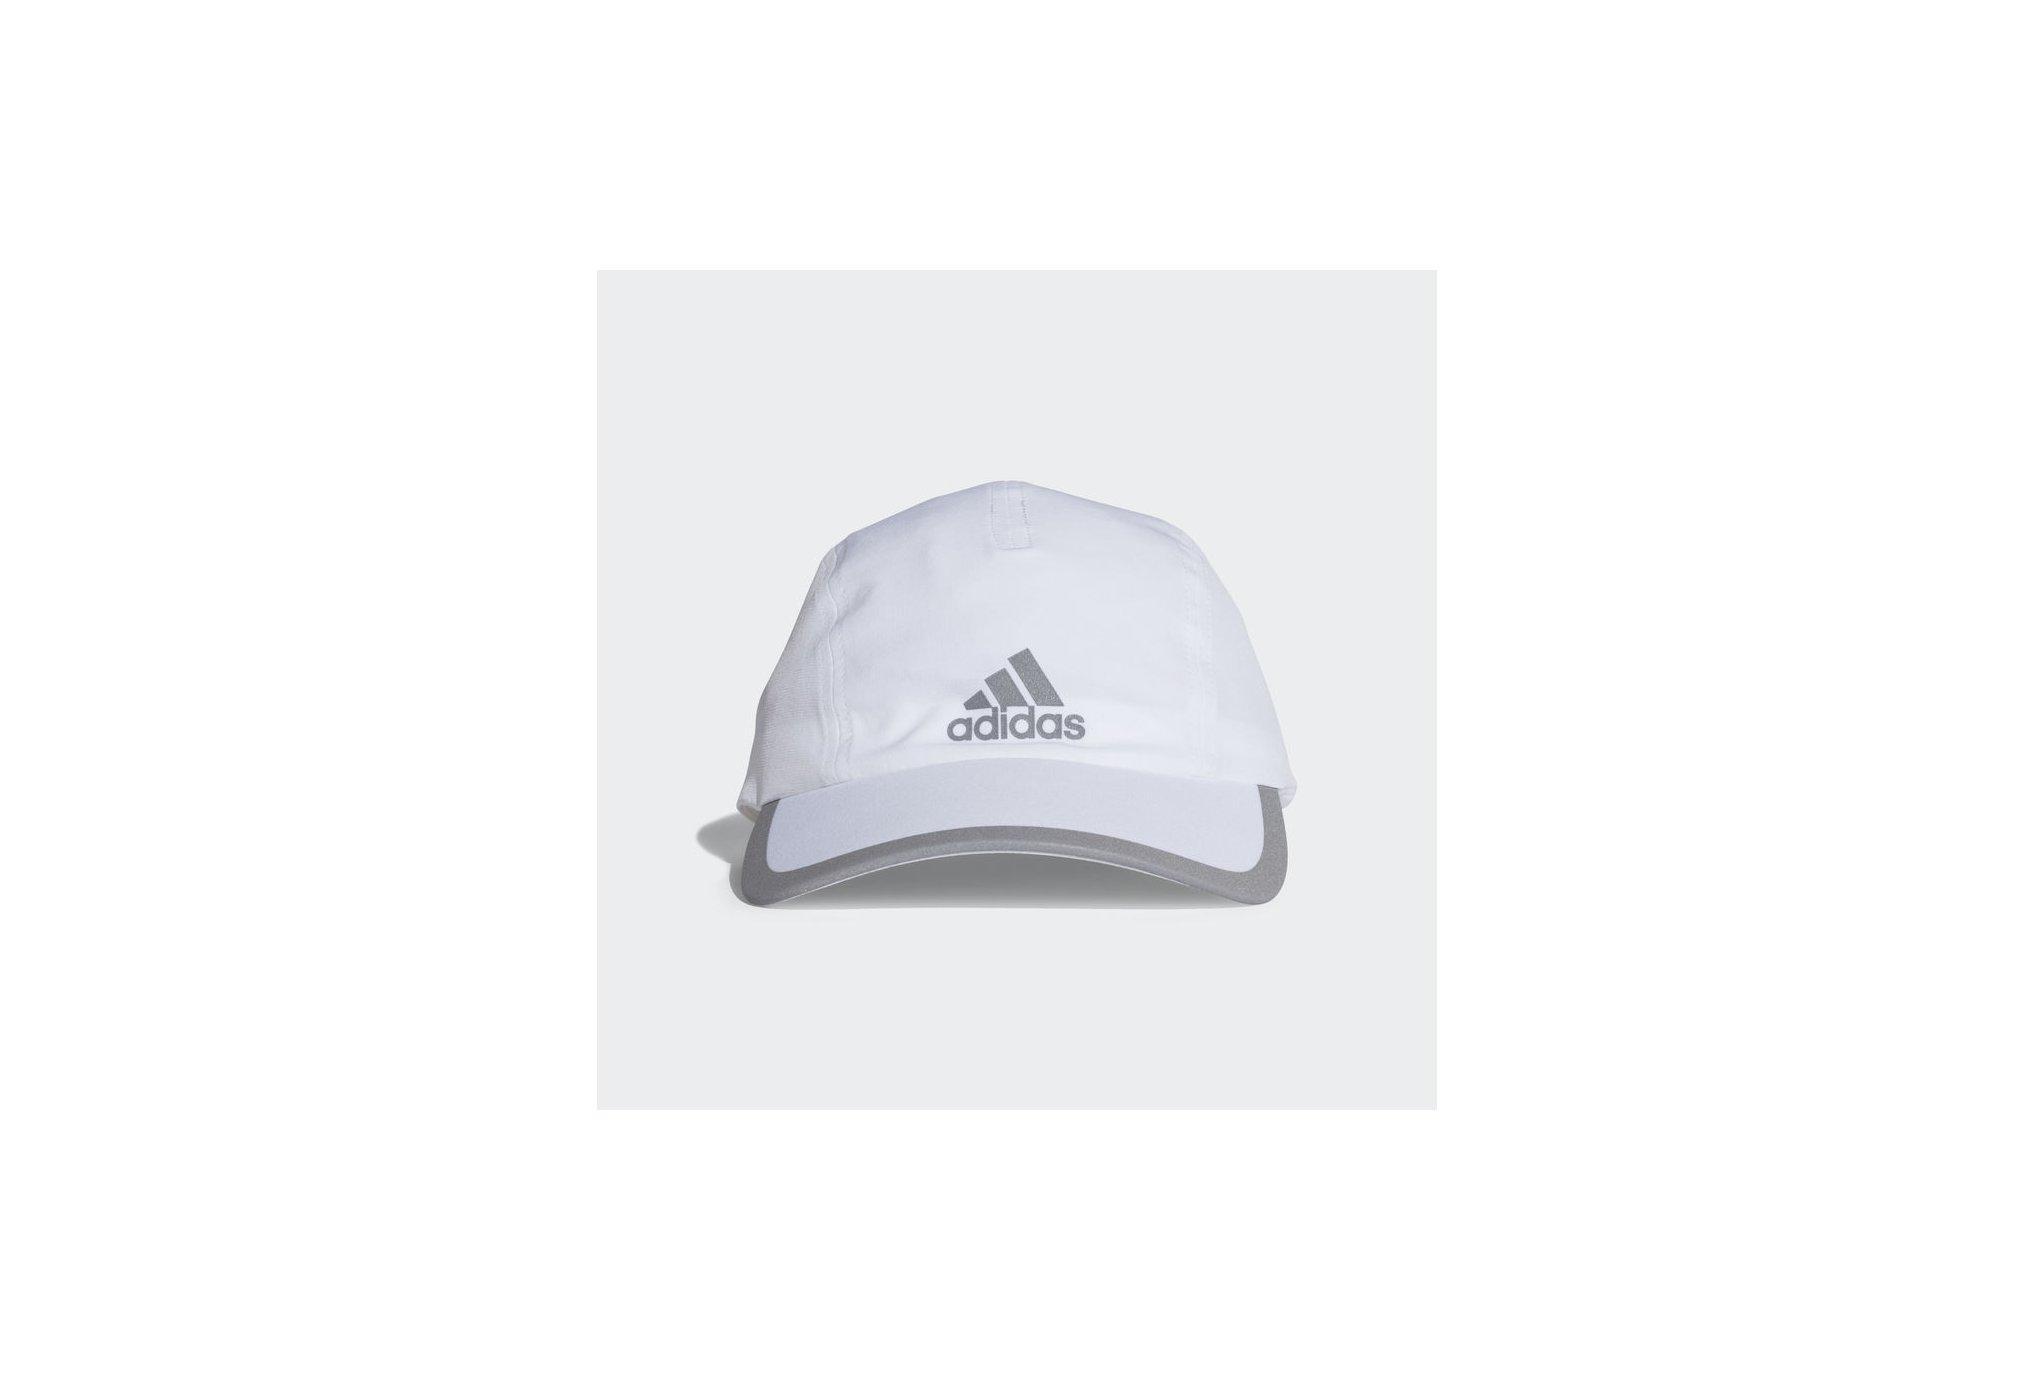 Adidas Climalite m casquettes / bandeaux